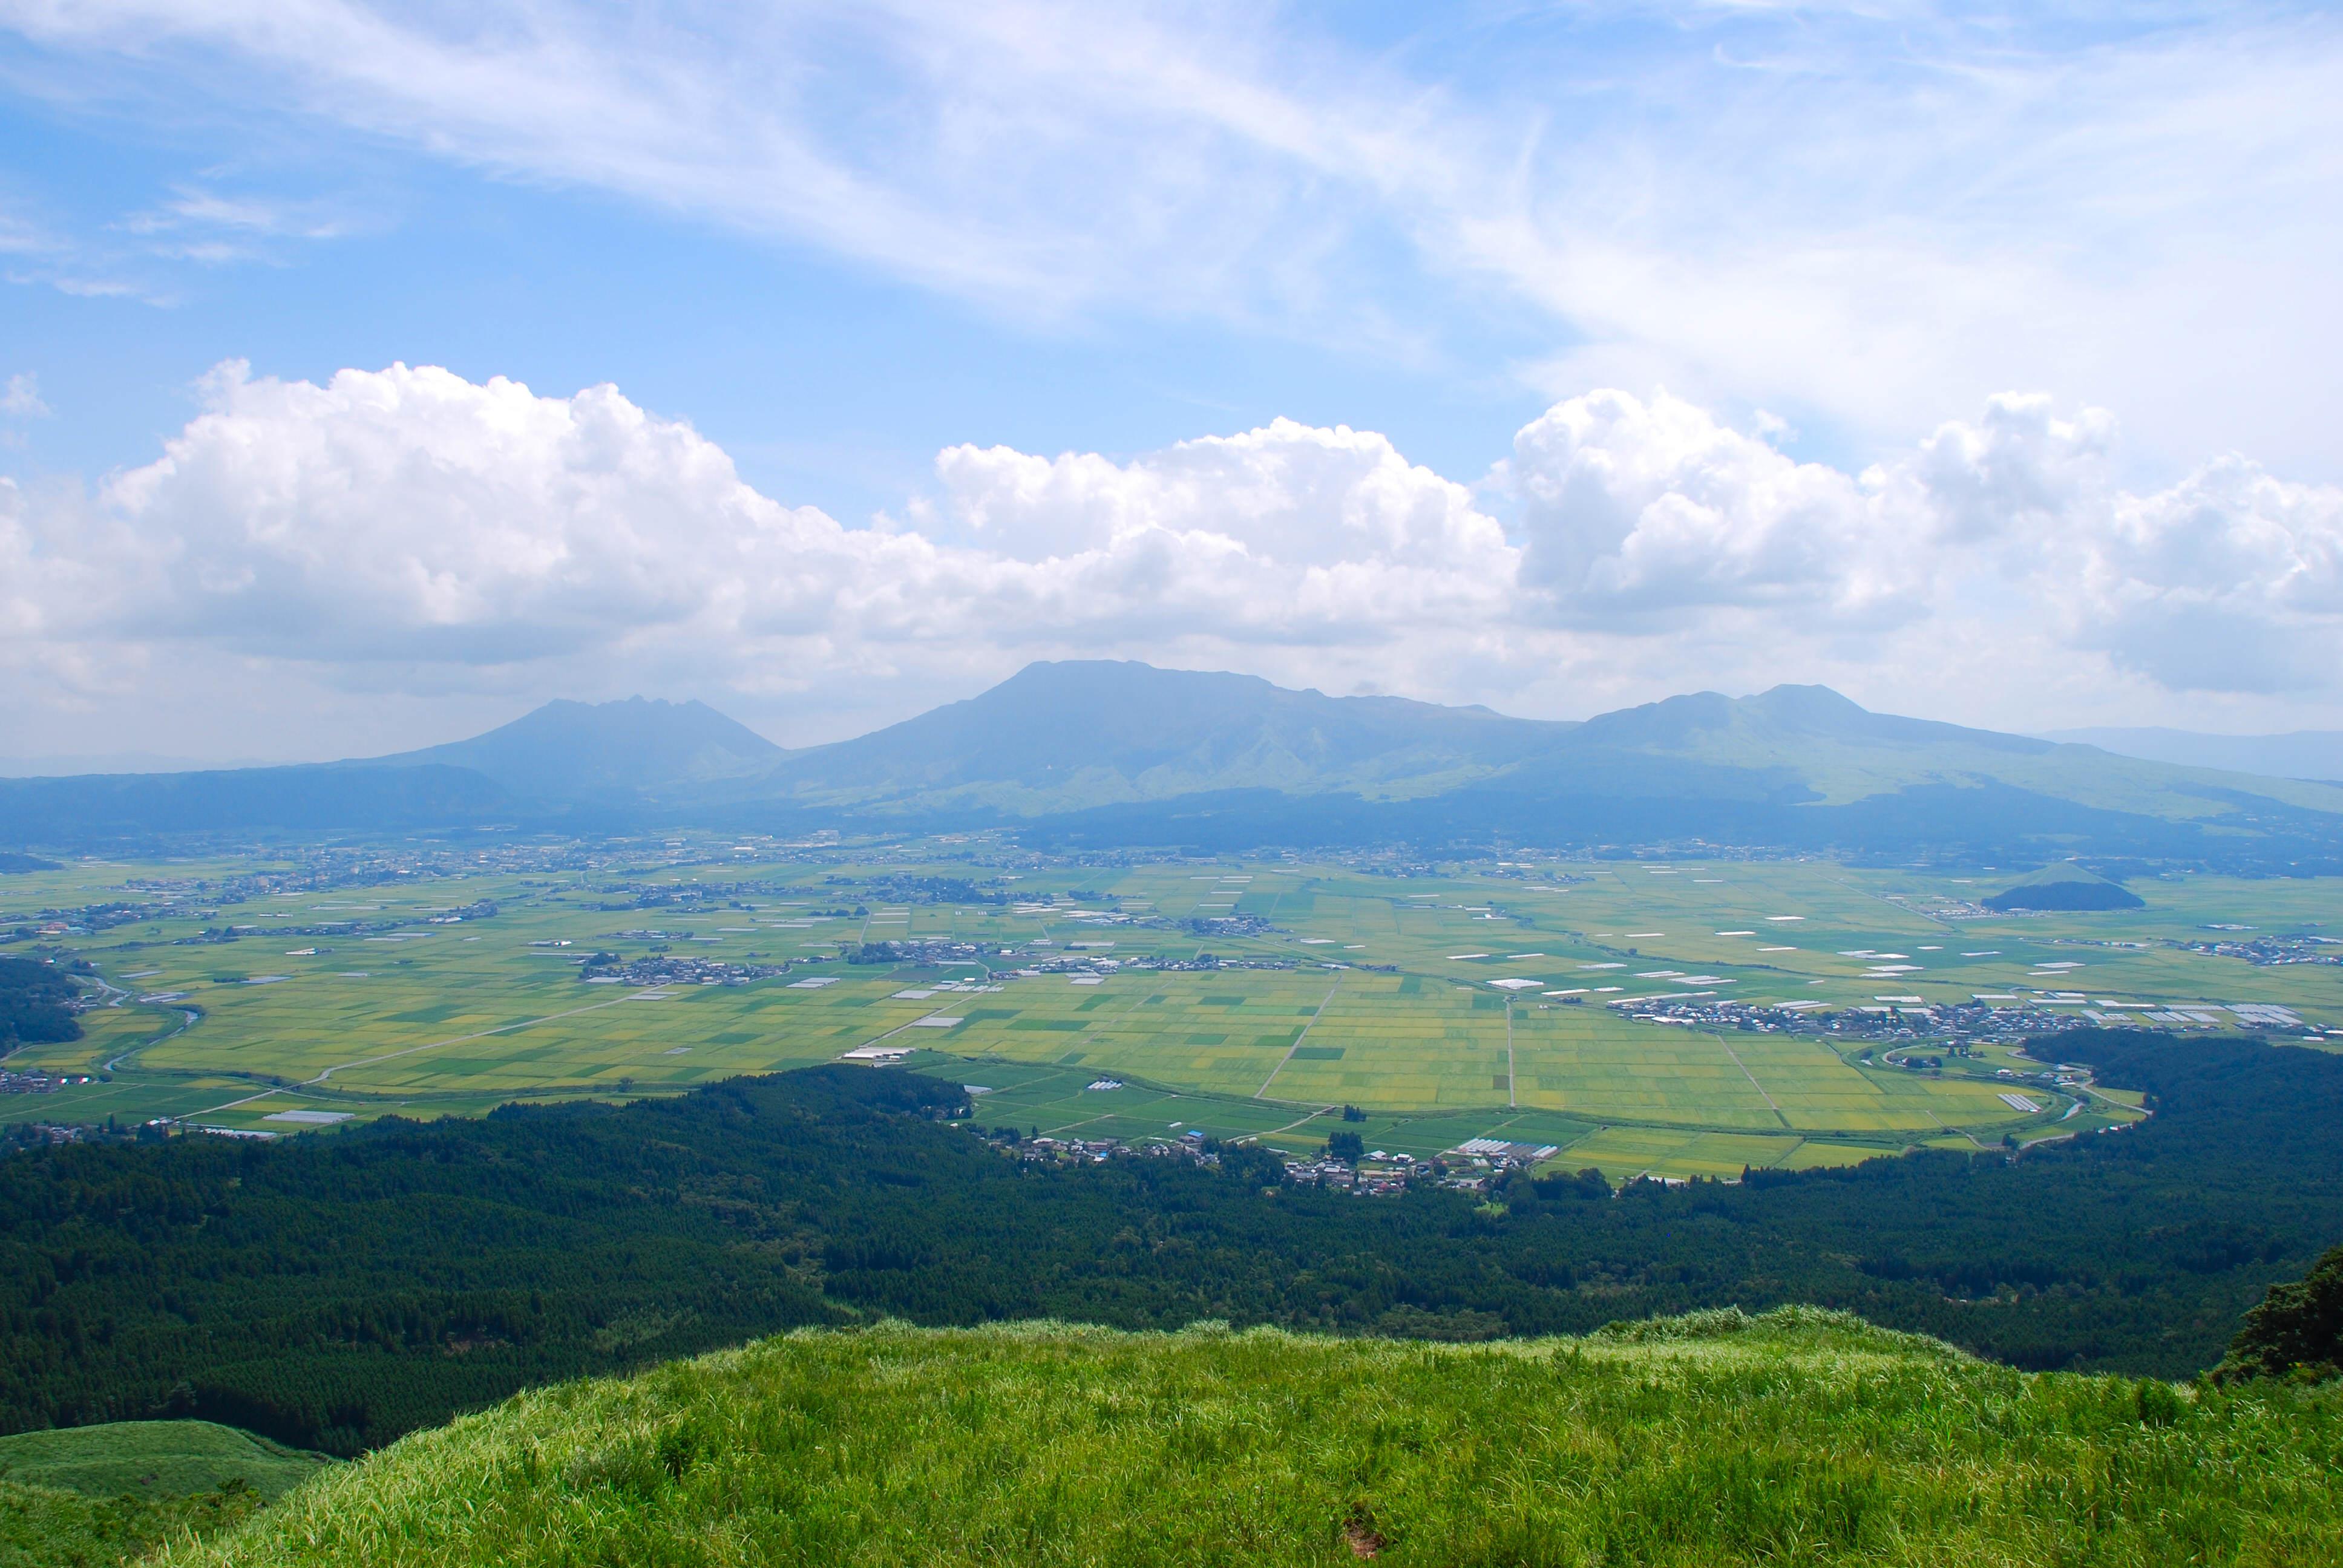 世界でも珍しい絶景!阿蘇の観光スポットおすすめランキング